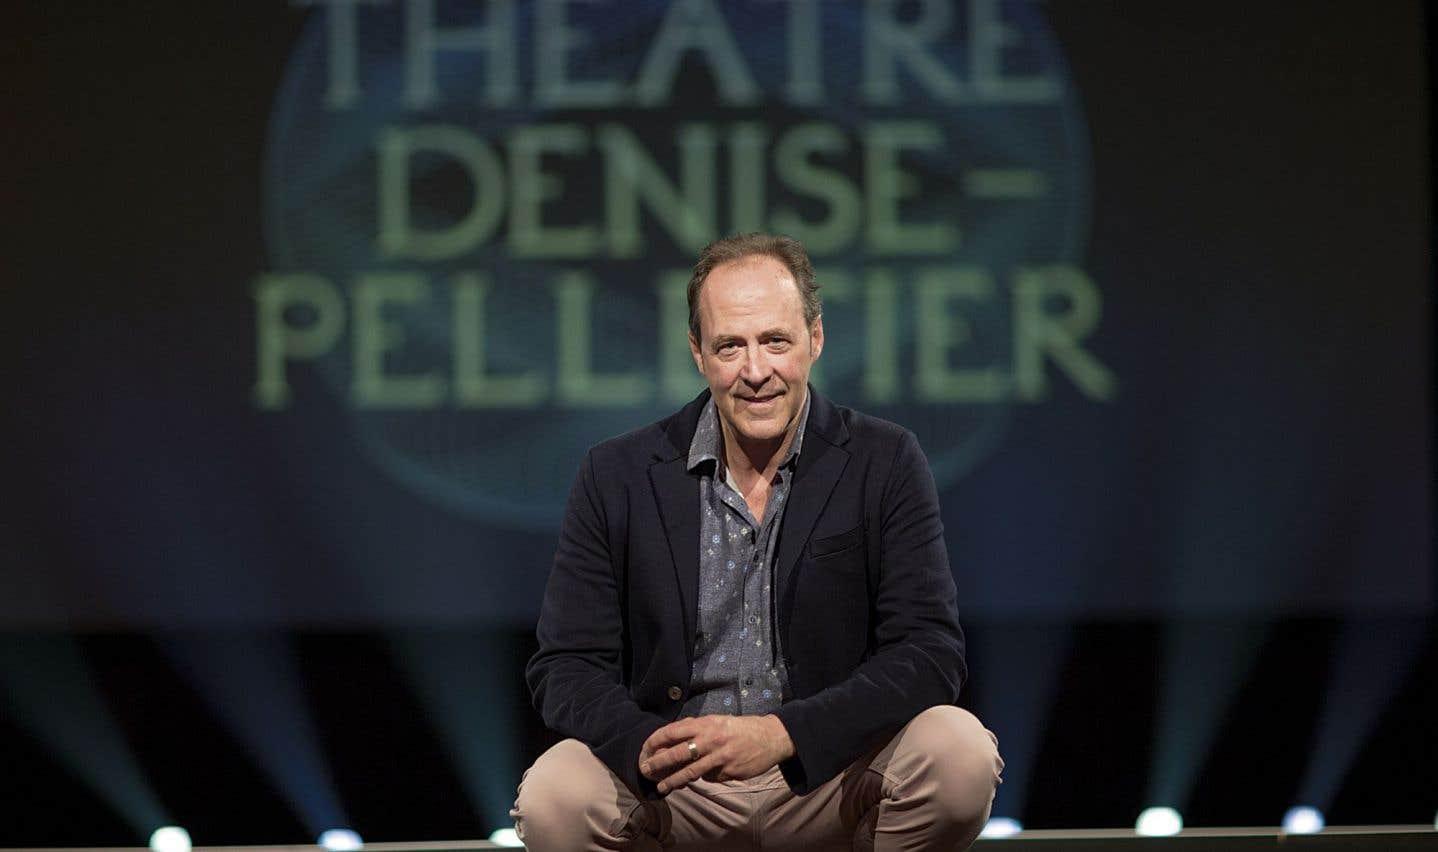 Voix et verbe, les armes du théâtre, selon Claude Poissant